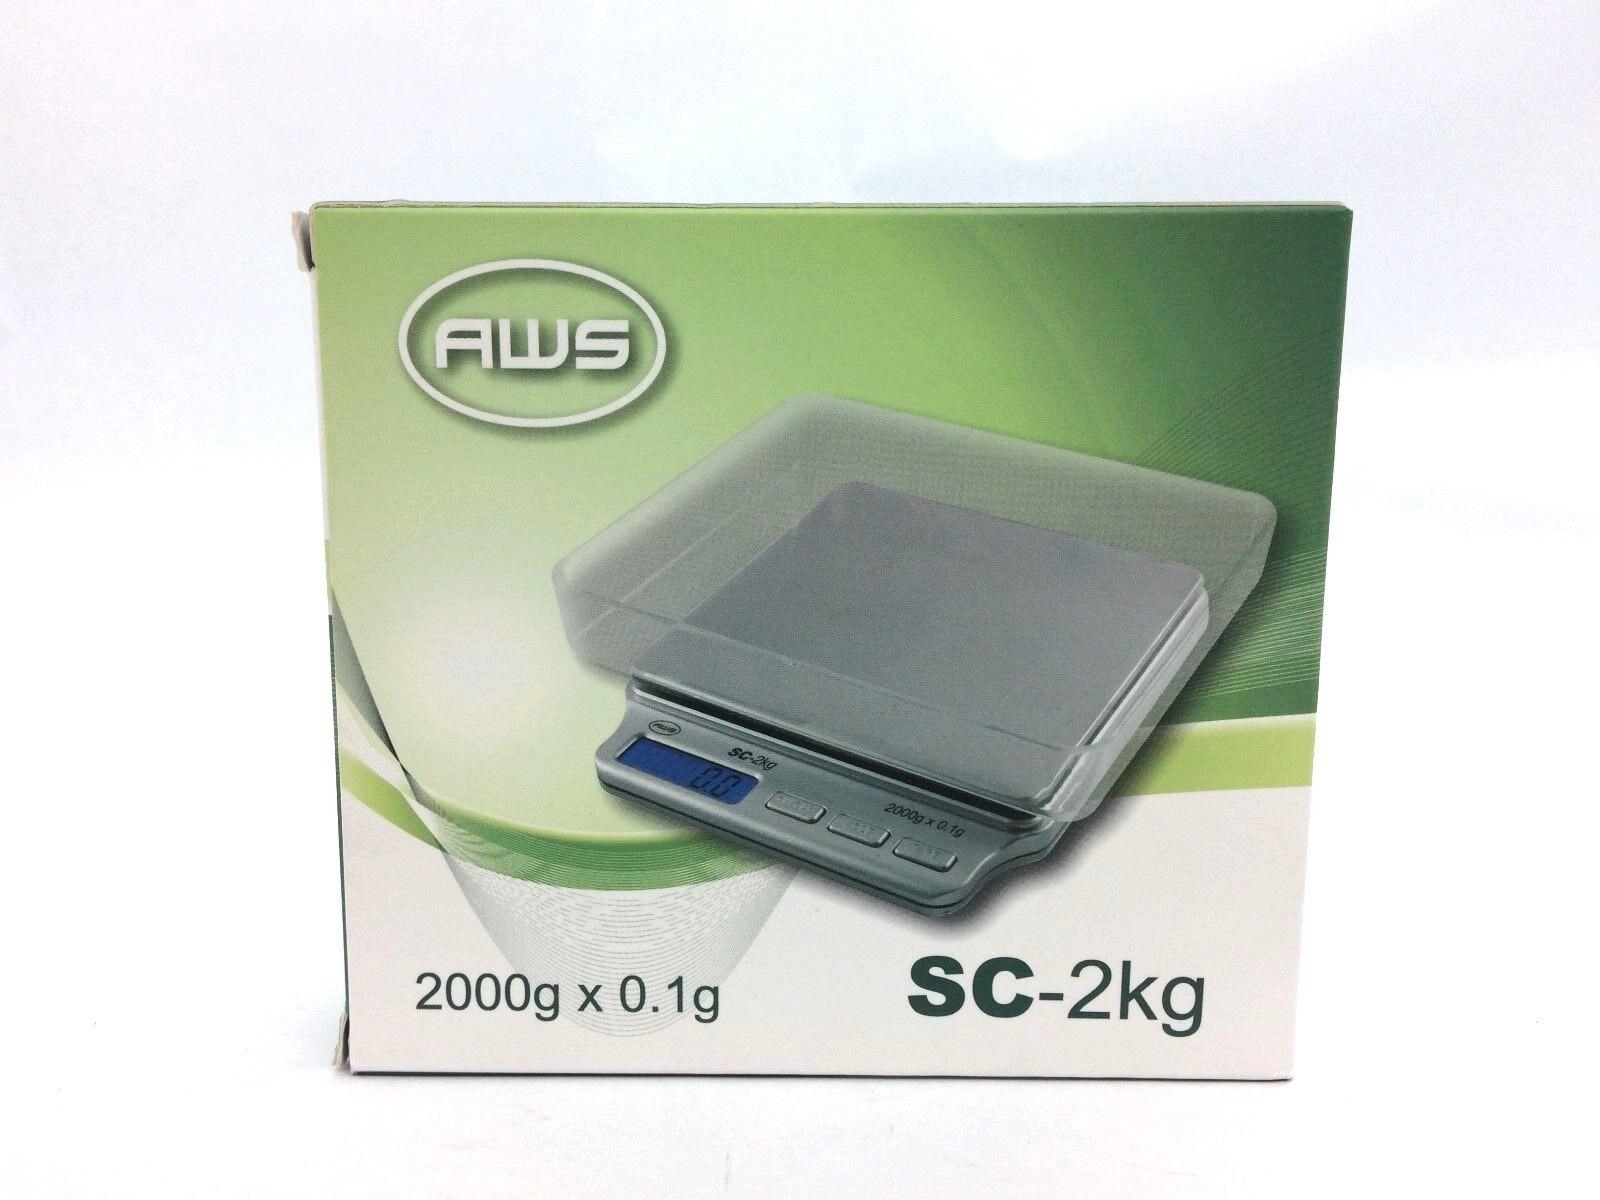 AWS SC-2kg High Capacity Precision Pocket Scale